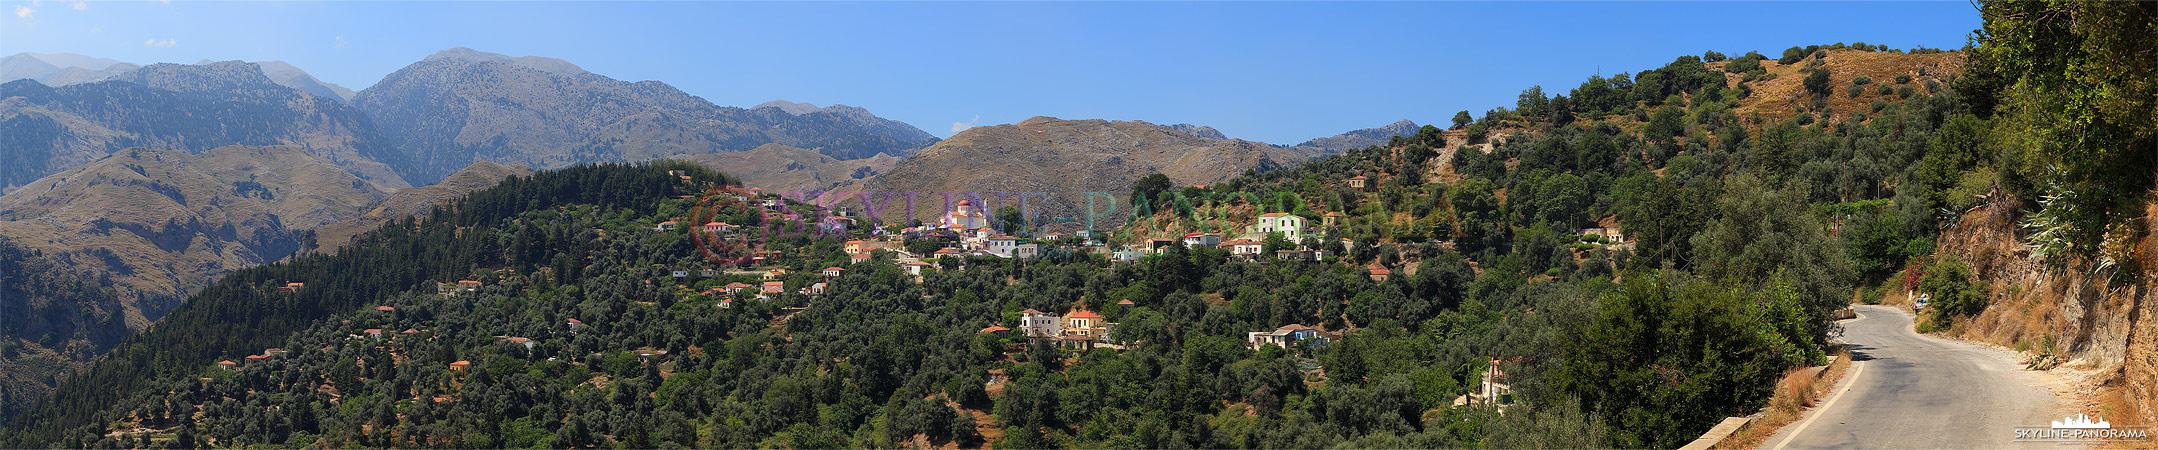 Kretas Gebirgslandschaft in der Nähe der kleinen Ortschaft Lakkoi, ungefähr auf halben Weg zwischen Chania und dem Einstiegspunkt in die Samaria Schlucht.